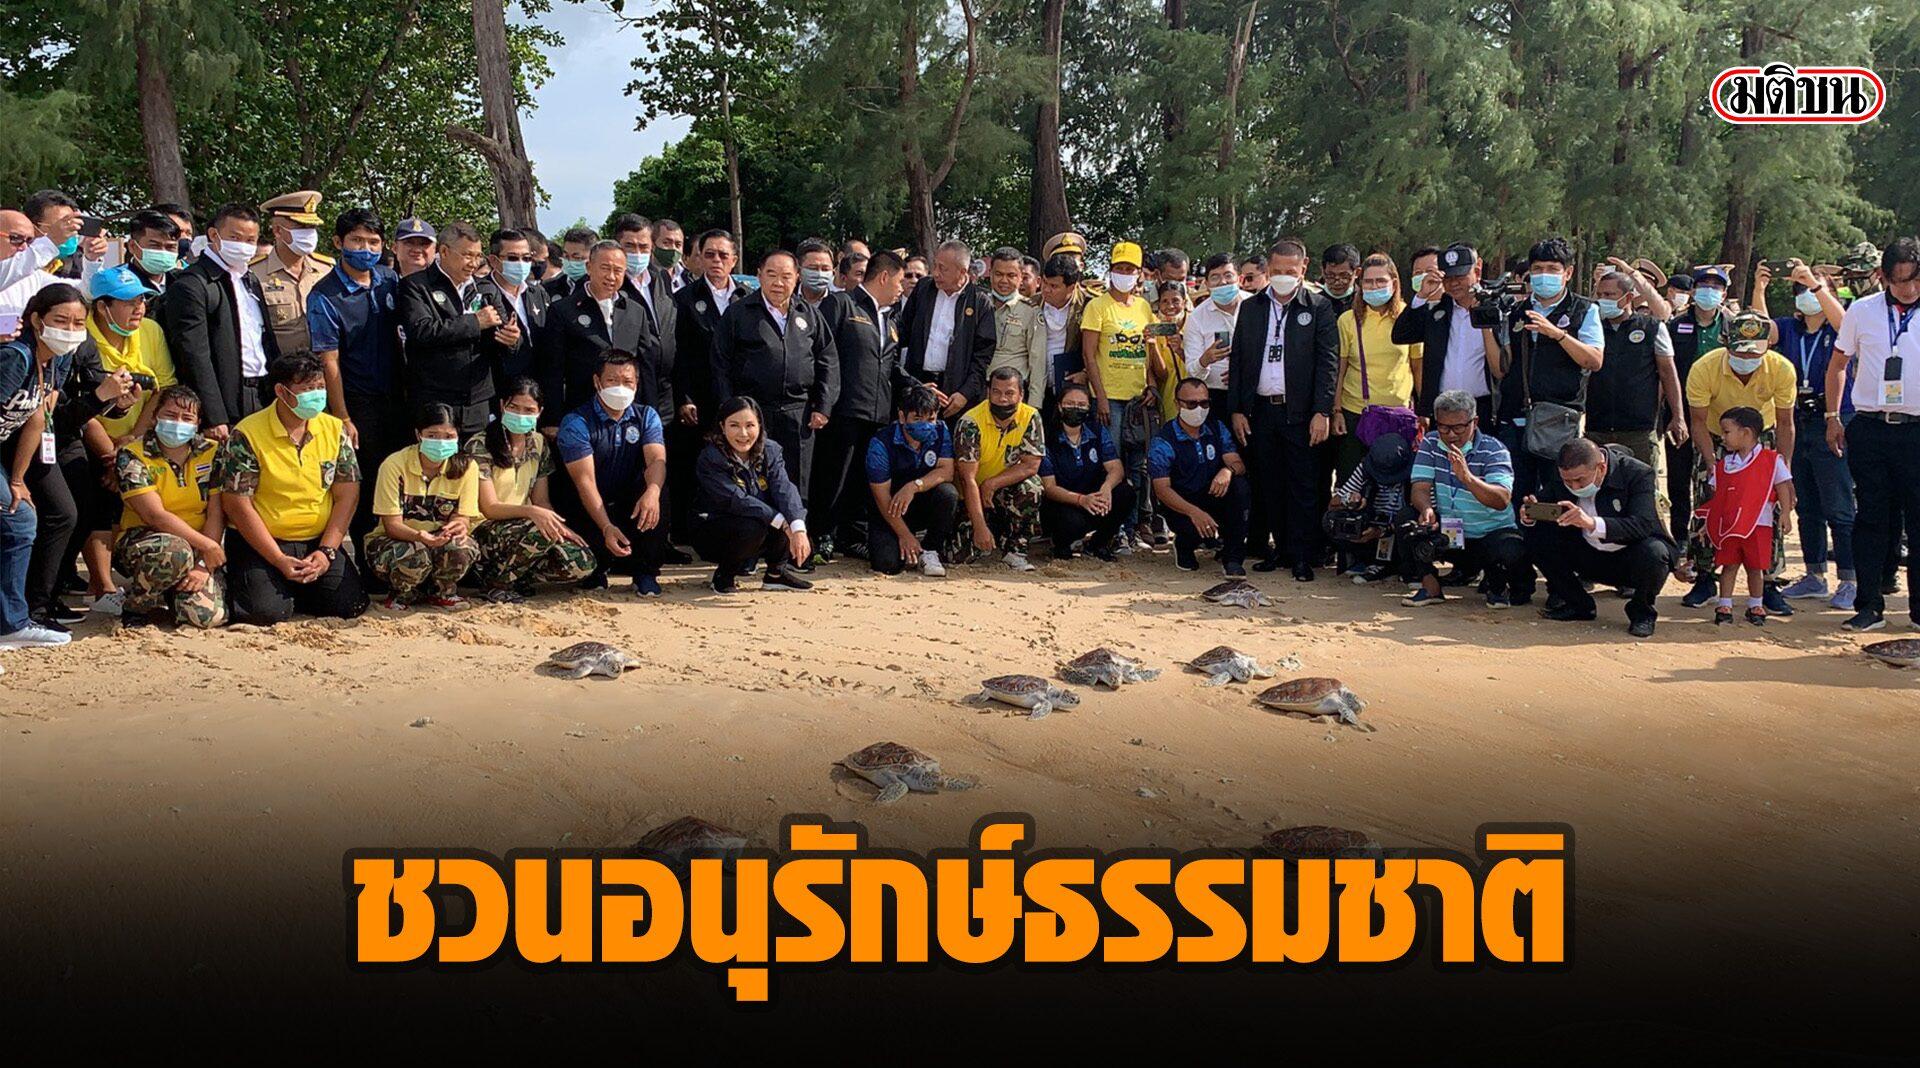 บิ๊กป้อม เปิดโครงการเก็บขยะชายหาด ชวน ปชช.ช่วยอนุรักษ์ธรรมชาติ เพื่อความยั่งยืน